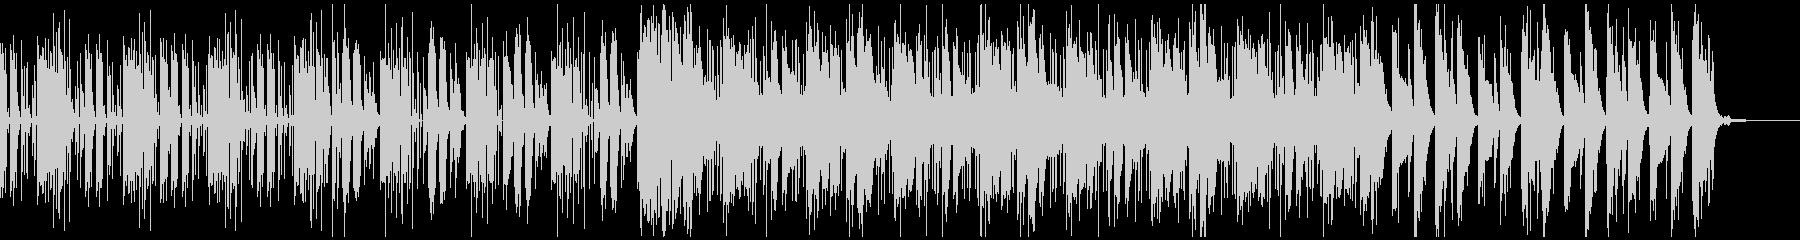 スリリングなシーンに適した電子音楽の未再生の波形